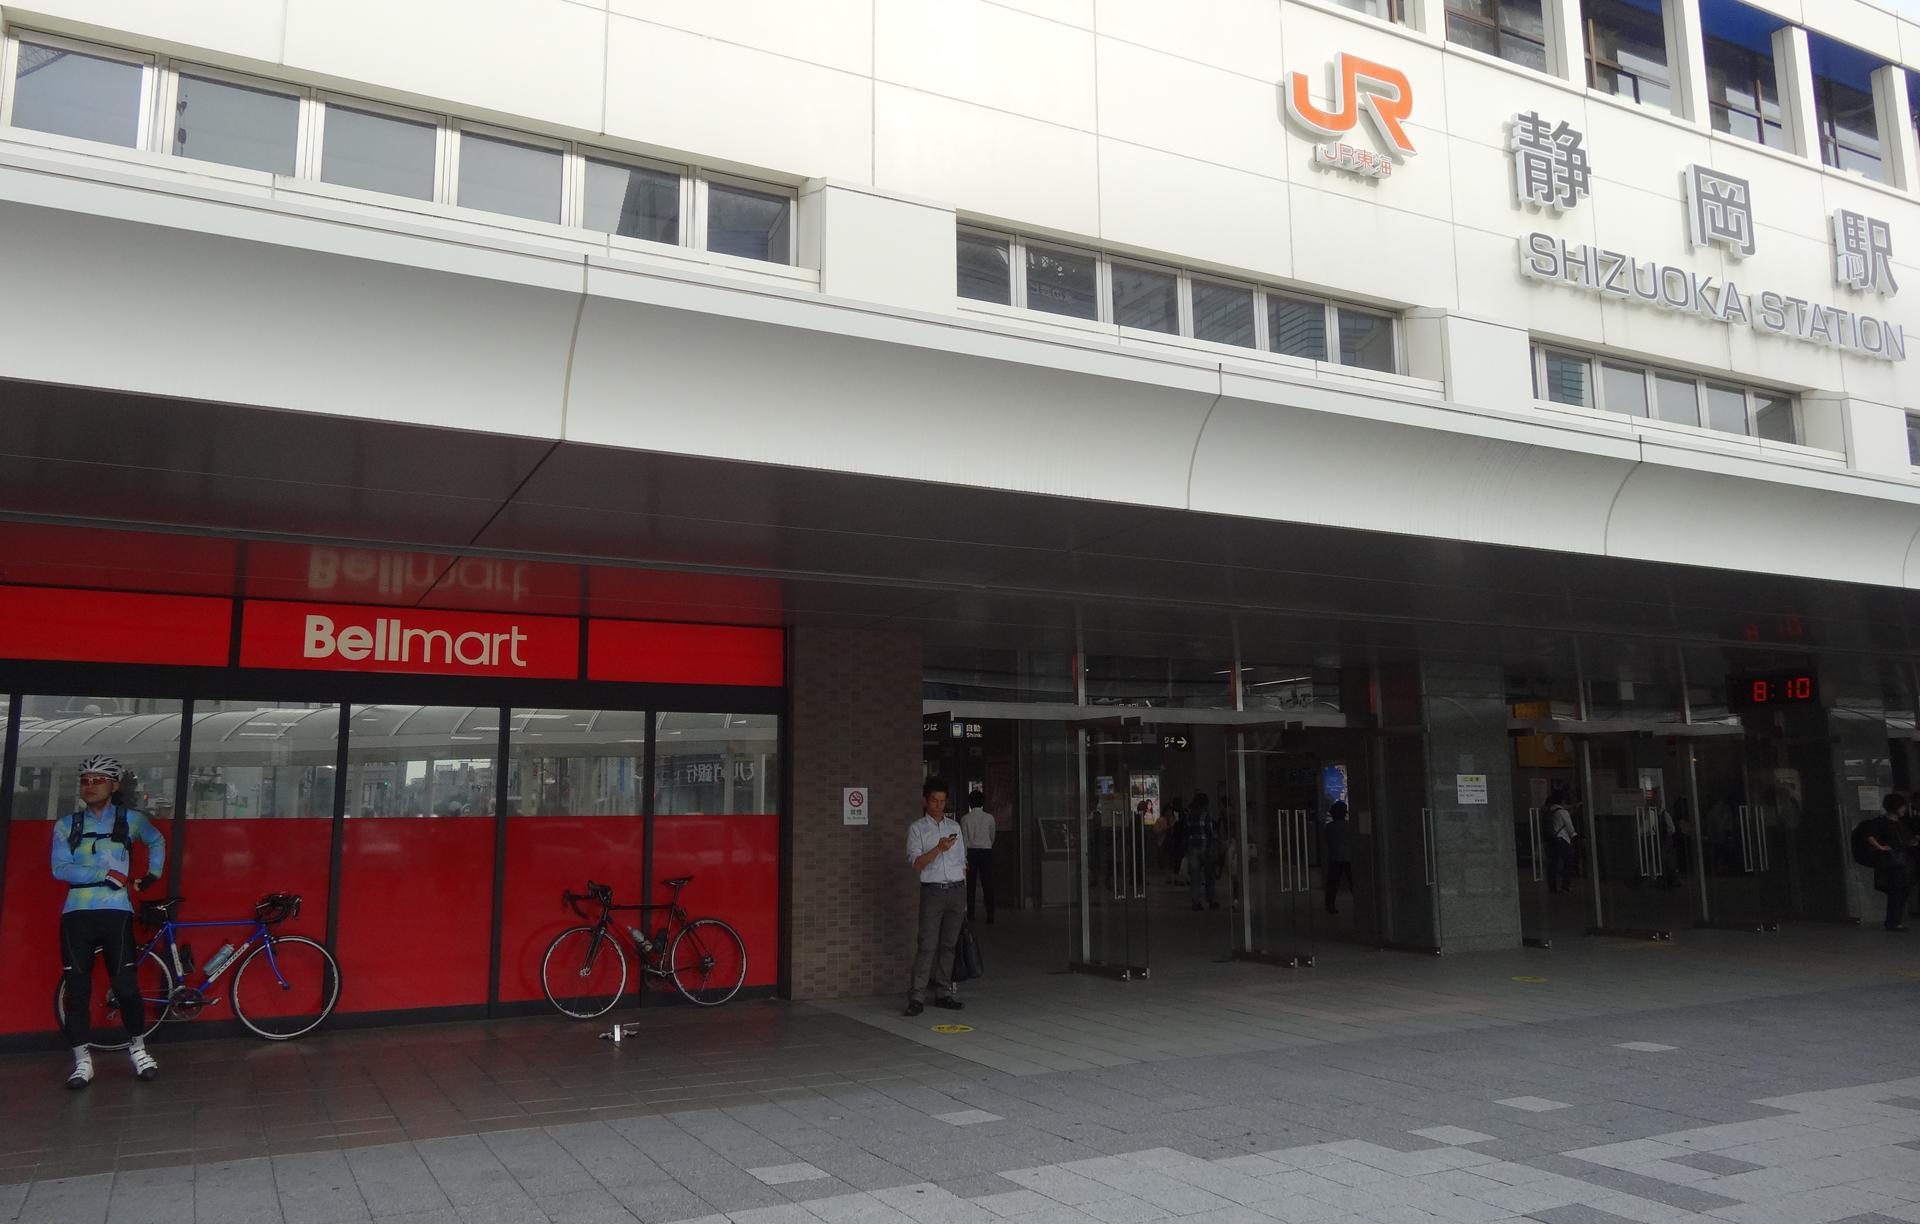 7:54 静岡駅に到着